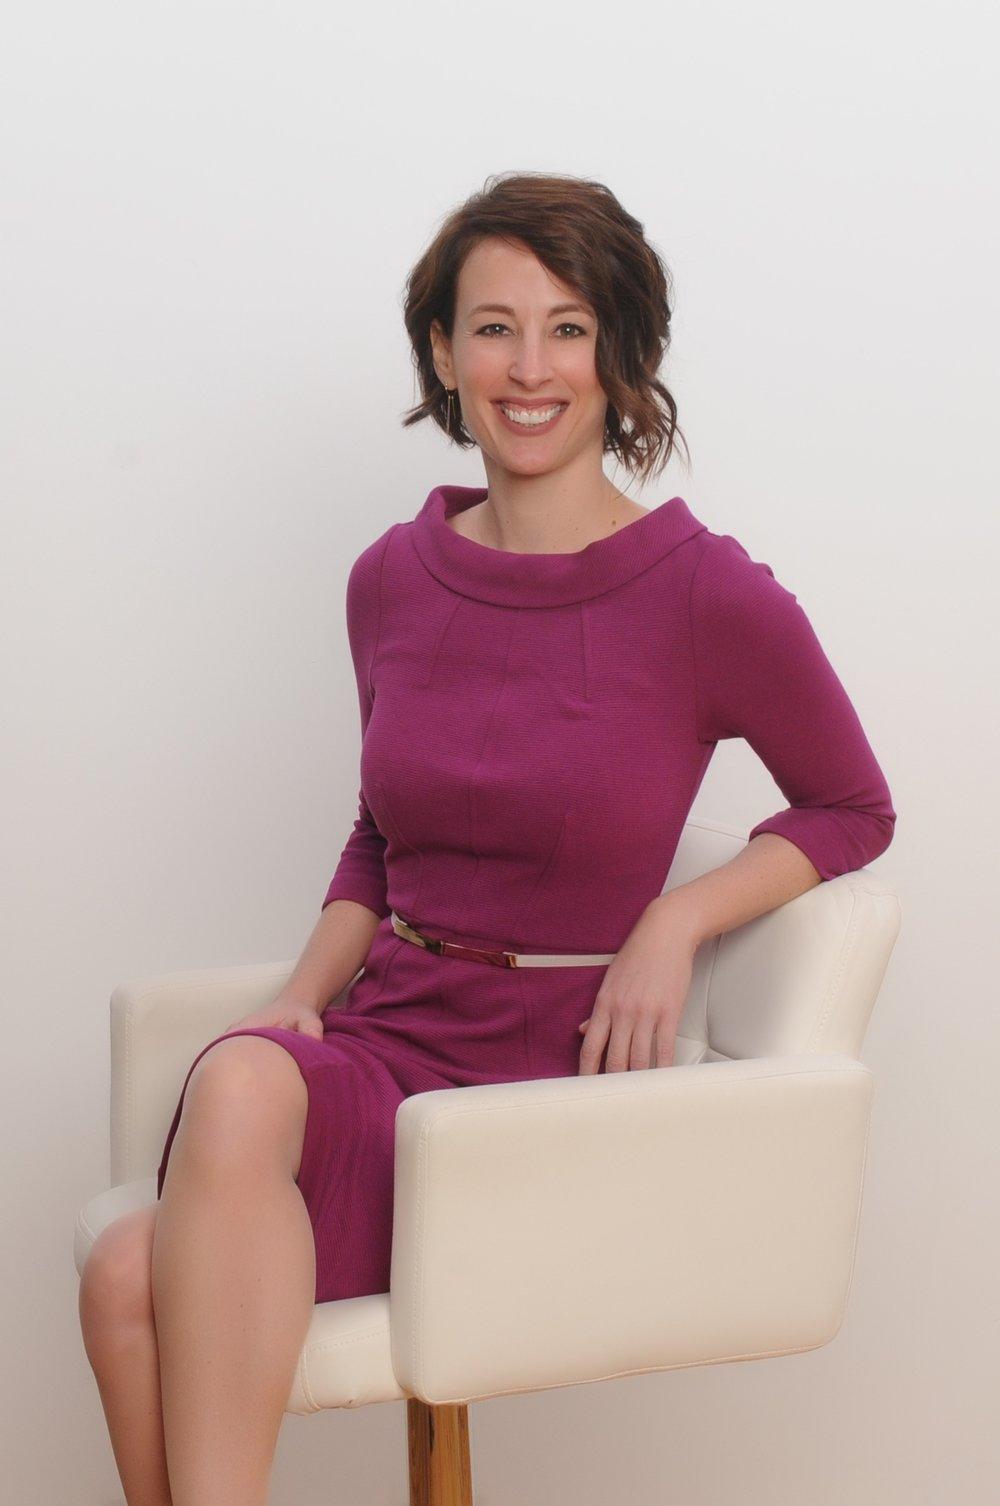 Jennifer Germaine Multiemployer